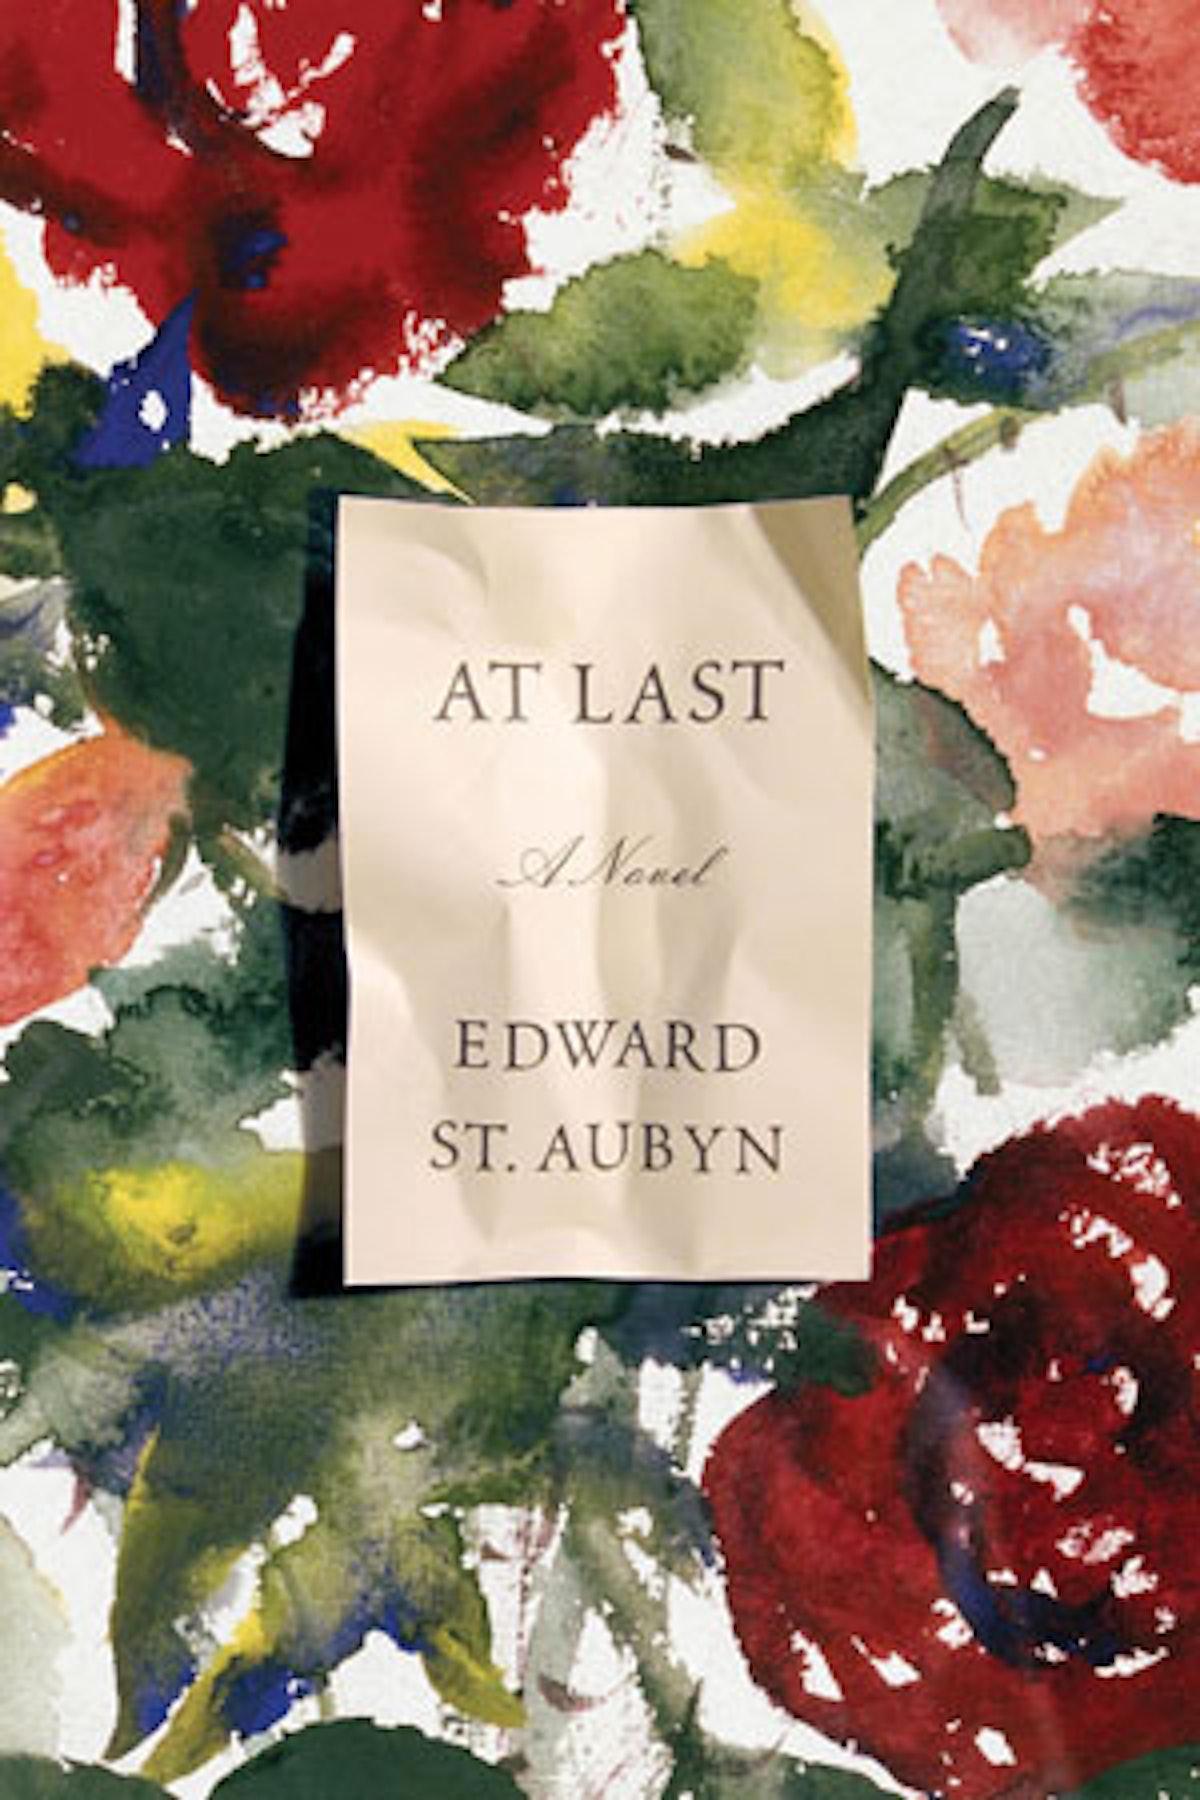 arar-at-last-edward-st-aubyn-v1.jpg